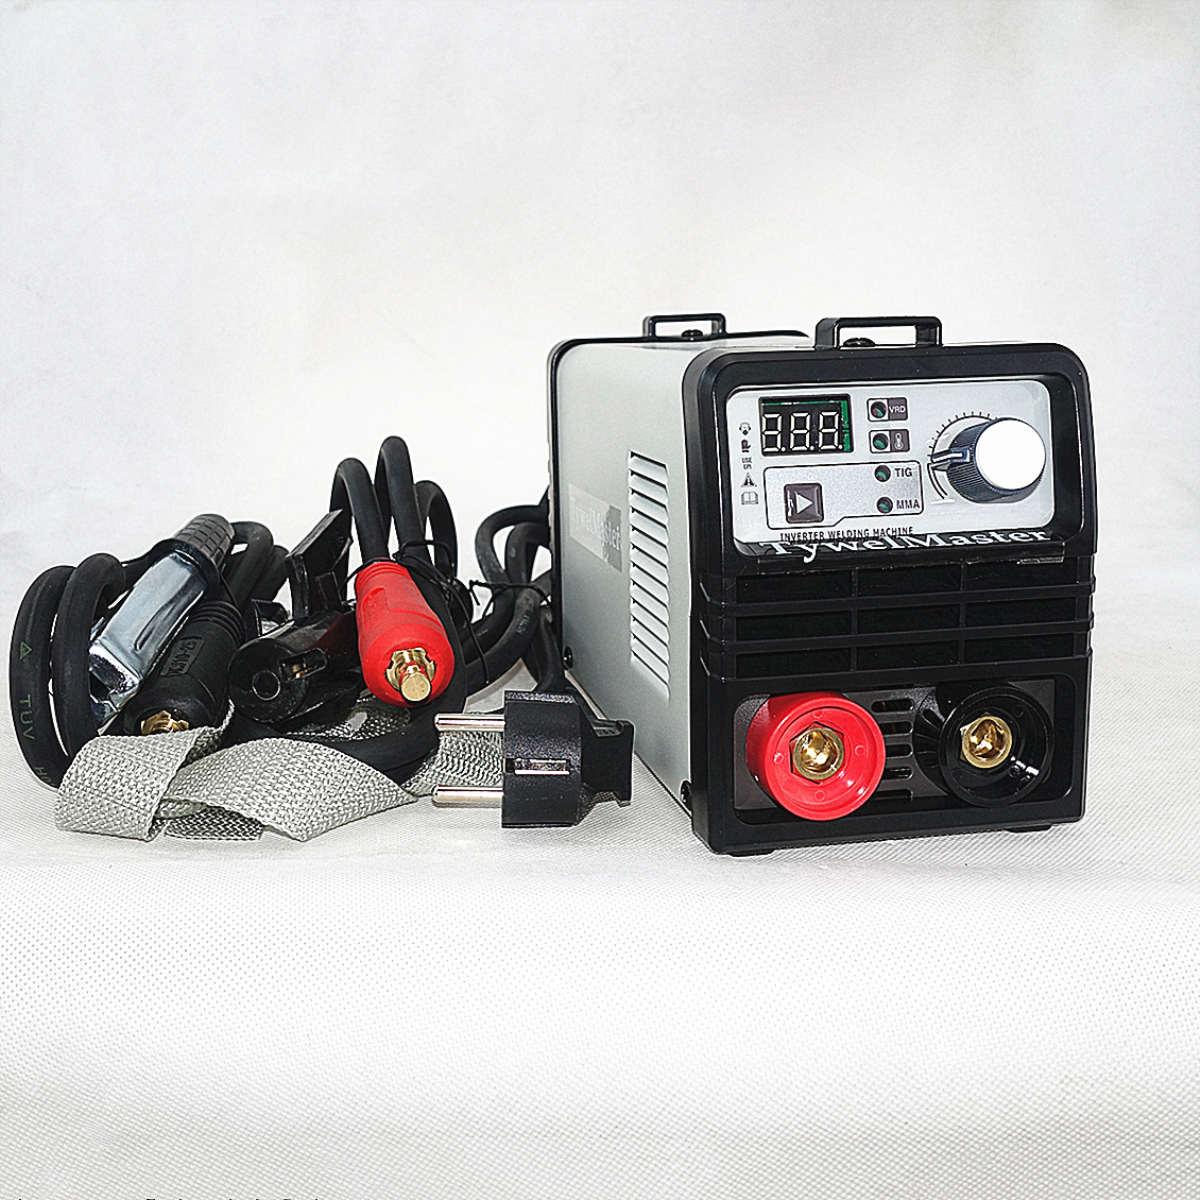 140/160A DC Inverter TIG Welder 160-270V VRD Stick Electrode 1.0-3.2mm Portable IGBT MMA Arc Welding Machine